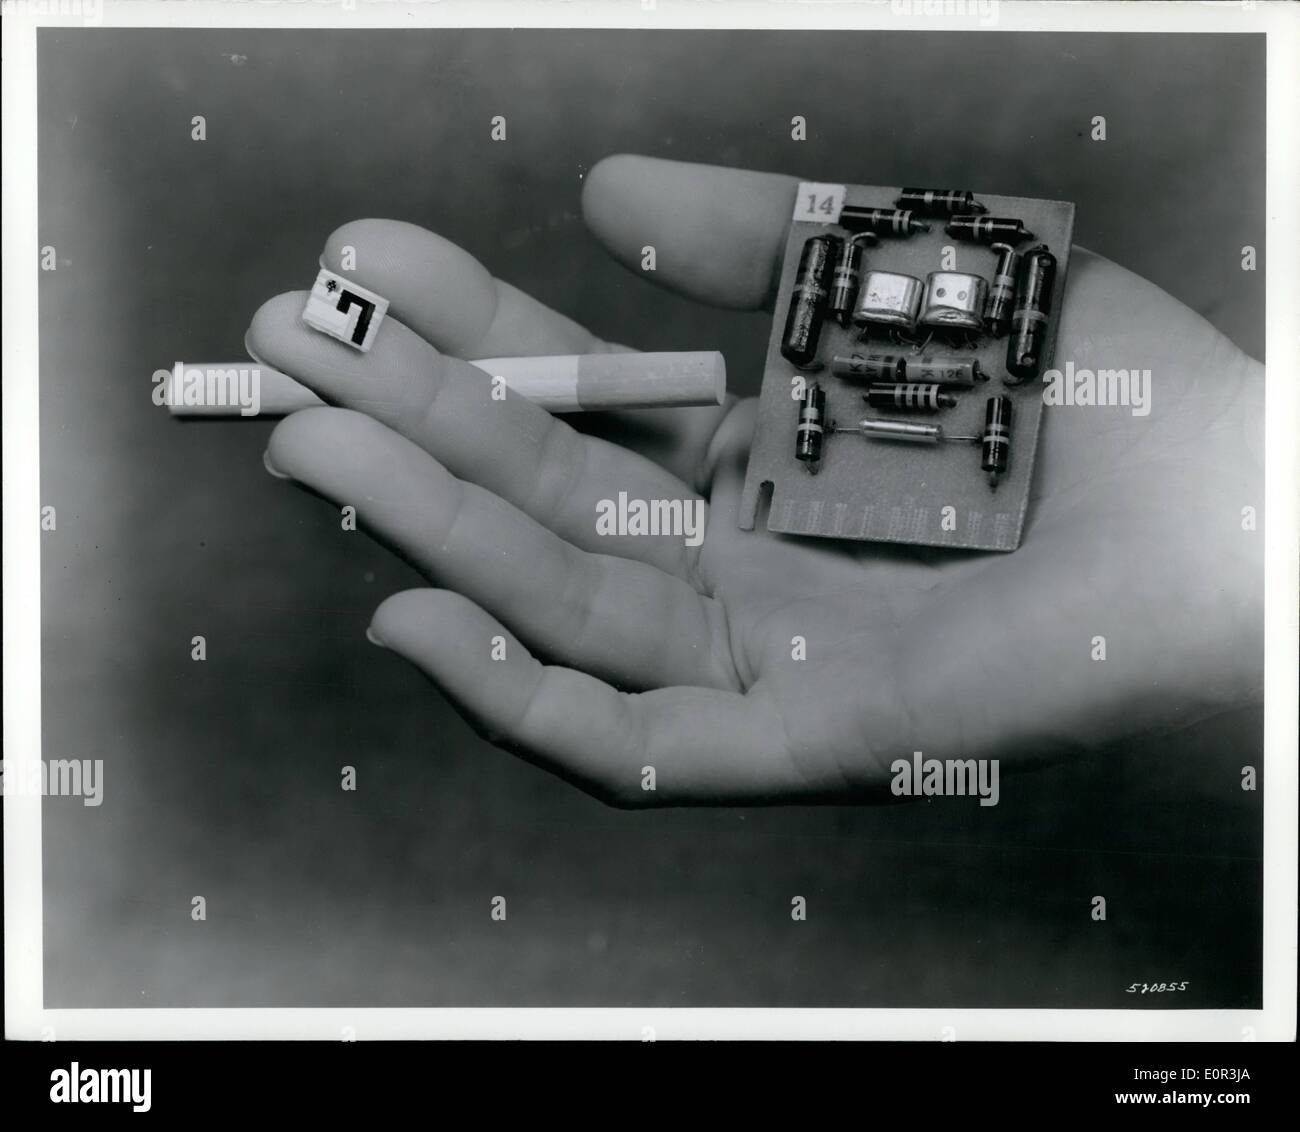 Nov. 11, 1957 - Circuito stampato transistor, per ridurre la dimensione di ''cervelli elettrico'' sono annunciato dal Dipartimento dell'esercito: circuito stampato transistori, sviluppato dalla US Army research scientist il dott. J W Lathrop, sarà notevolmente ridotto le dimensioni di molti articoli militari esercito attrezzatura incluso il cervello elettronico di missili guidati di aeromobili, Dipartimento dell'esercito ha annunciato oggi. Uso del circuito stampato metodo produce un transistore circa 1/20 di un pollice di larghezza e 1/100 di un pollice alto e garantisce maggiore affidabilità e resistenza ad urti o vibrazioni Immagini Stock